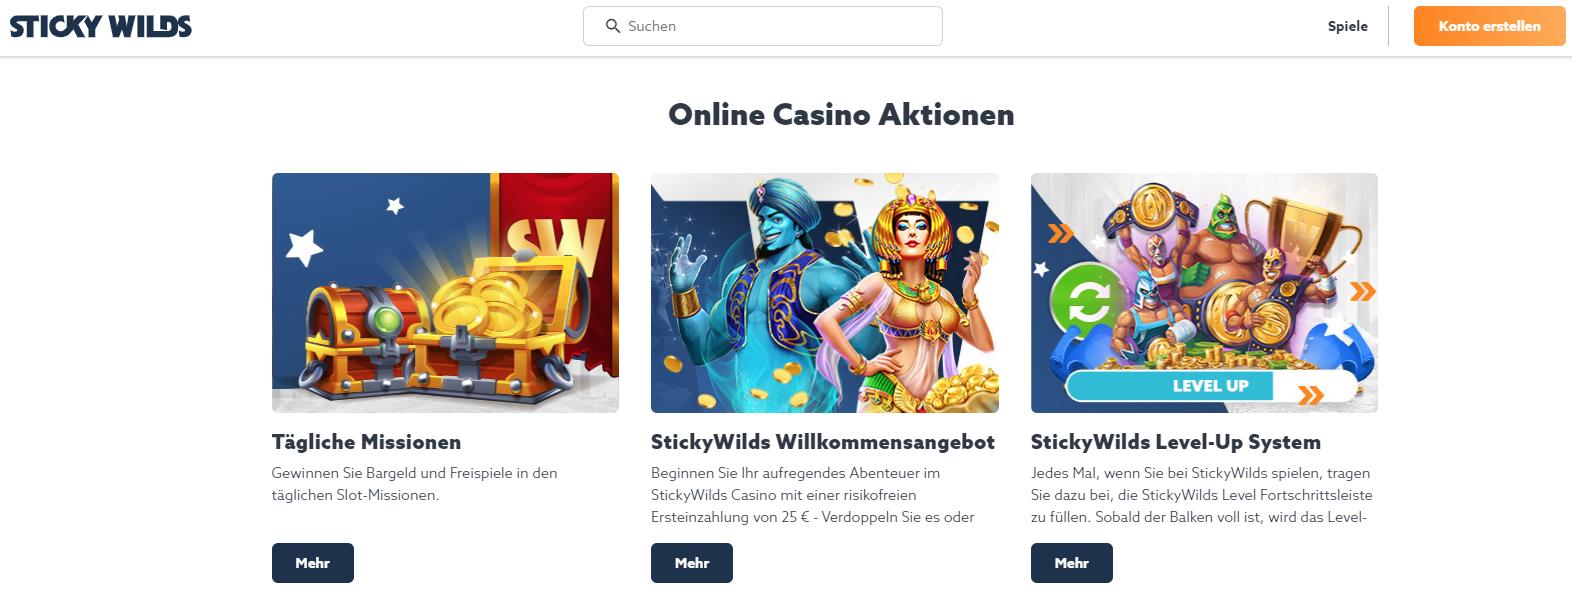 Stickywilds Casino Freispiel Missionen